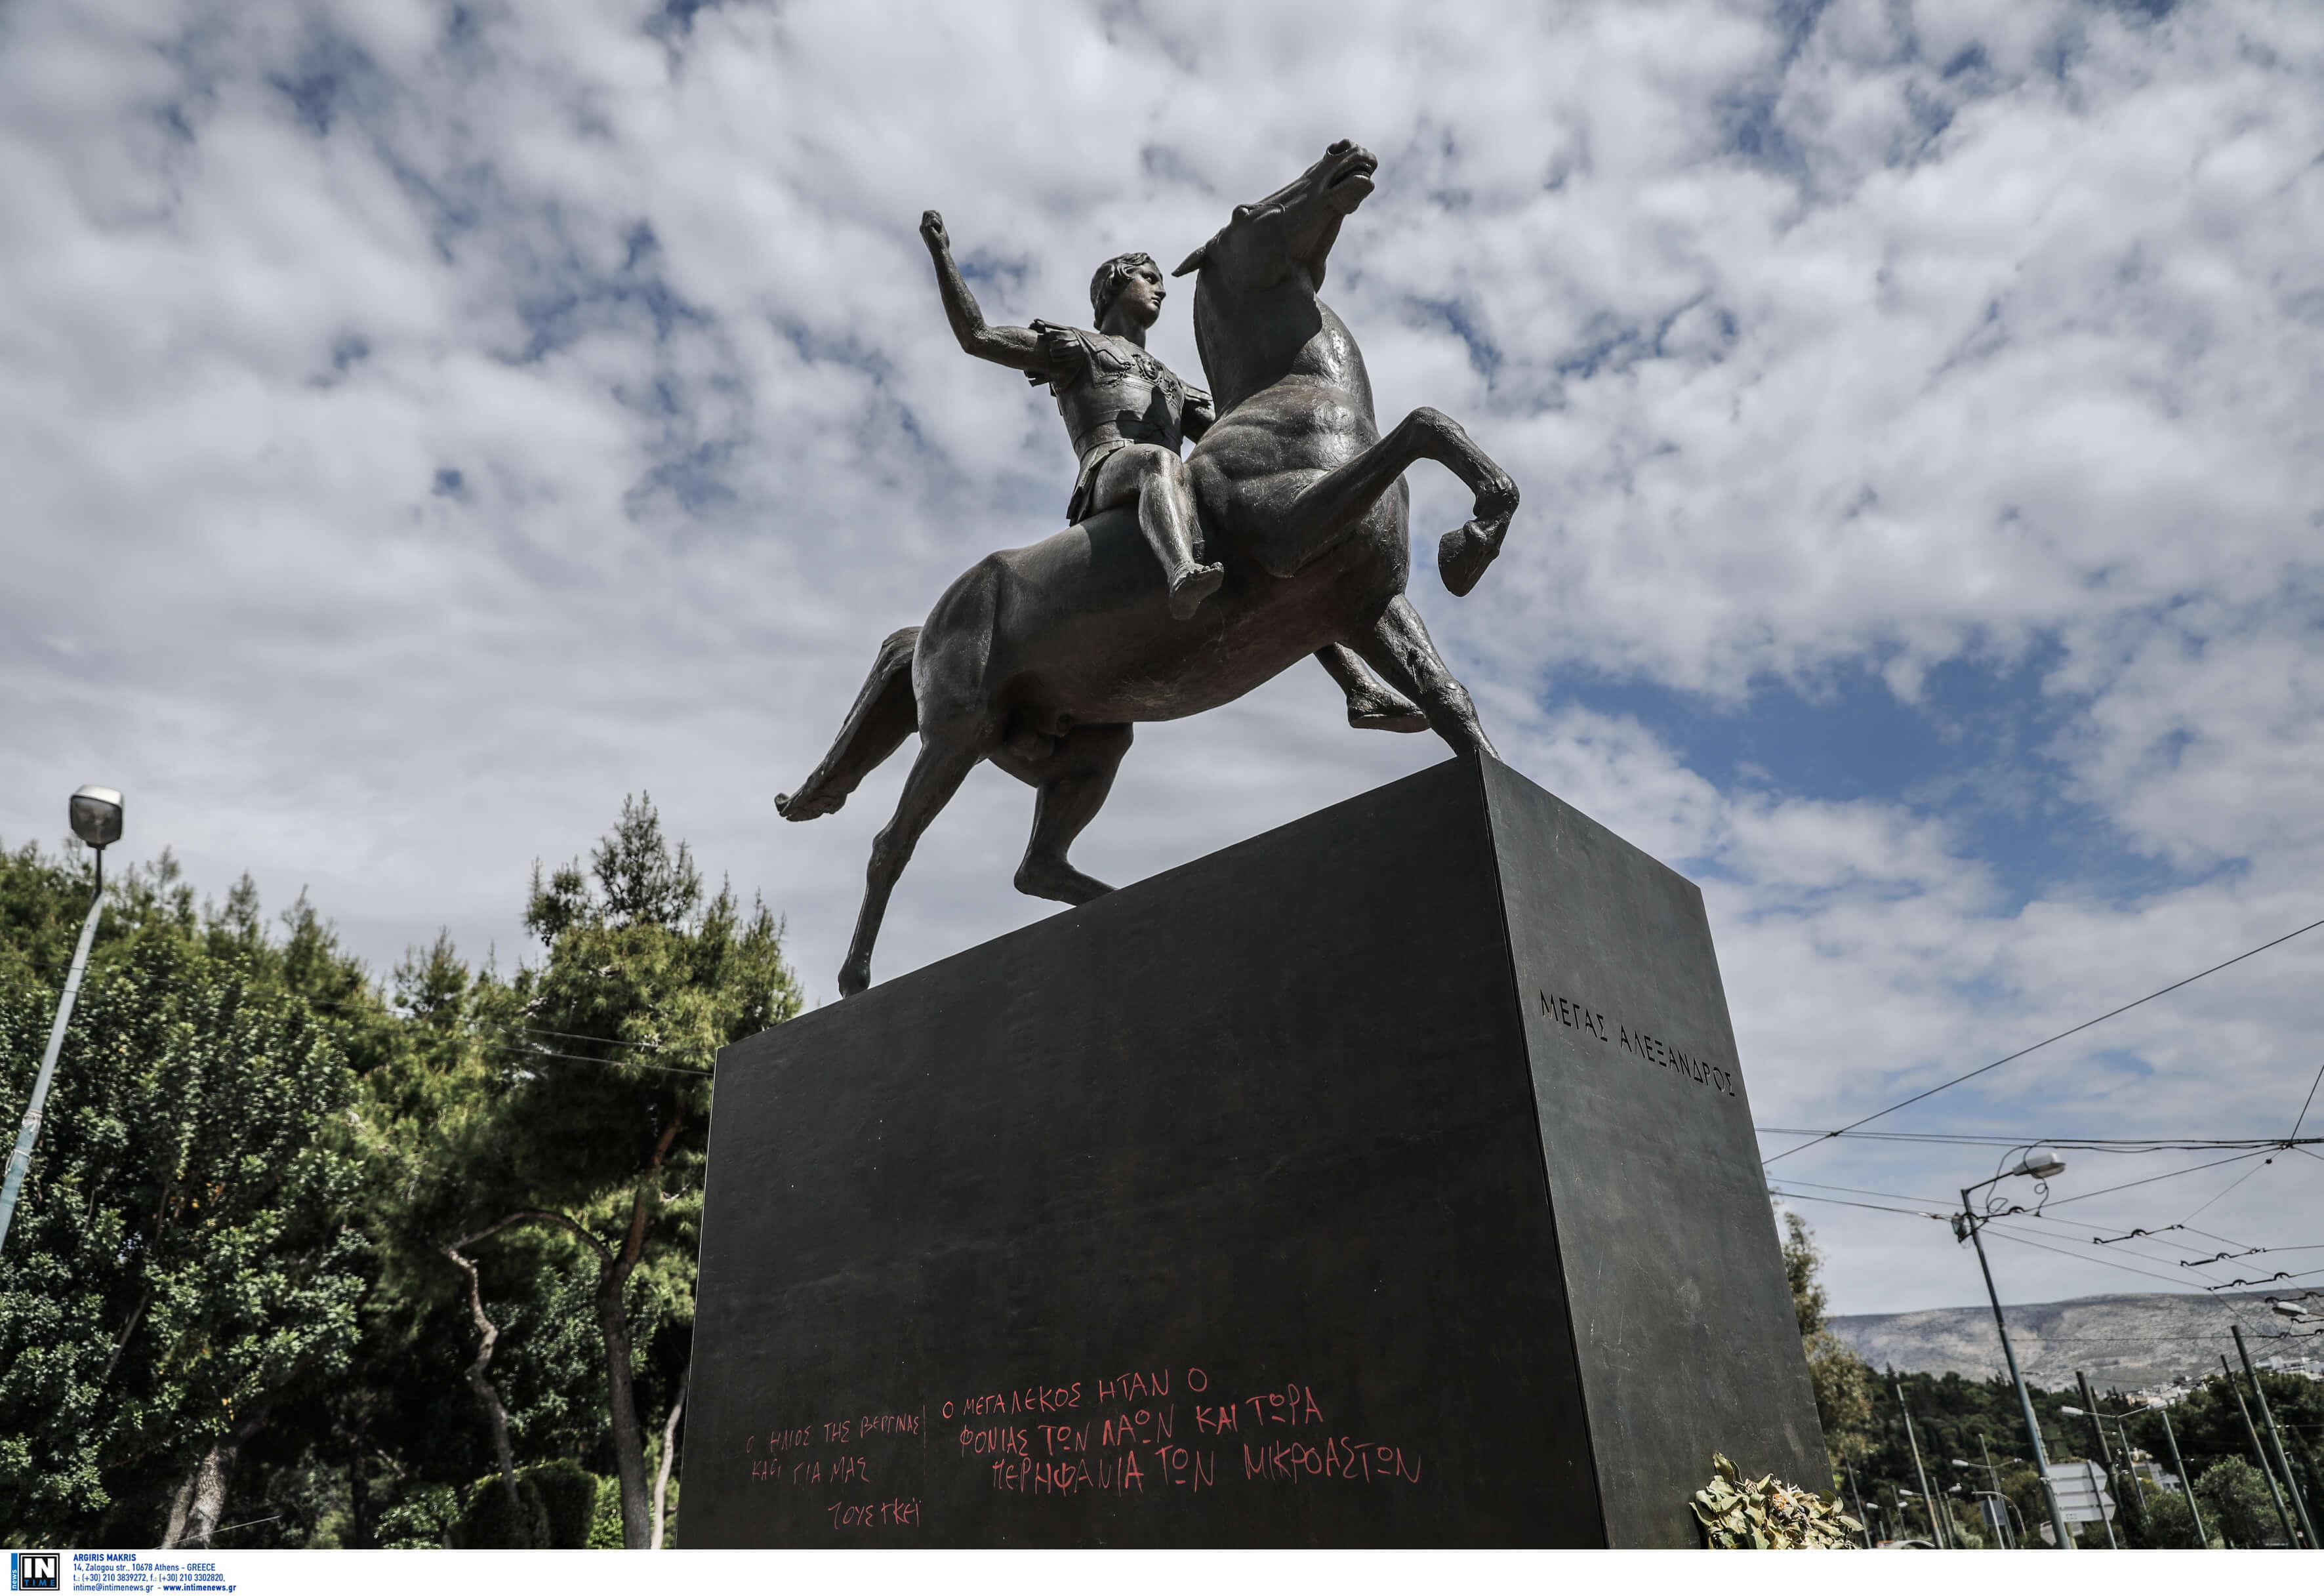 Βανδάλισαν το άγαλμα του Μεγάλου Αλεξάνδρου στην Αθήνα! [pics]